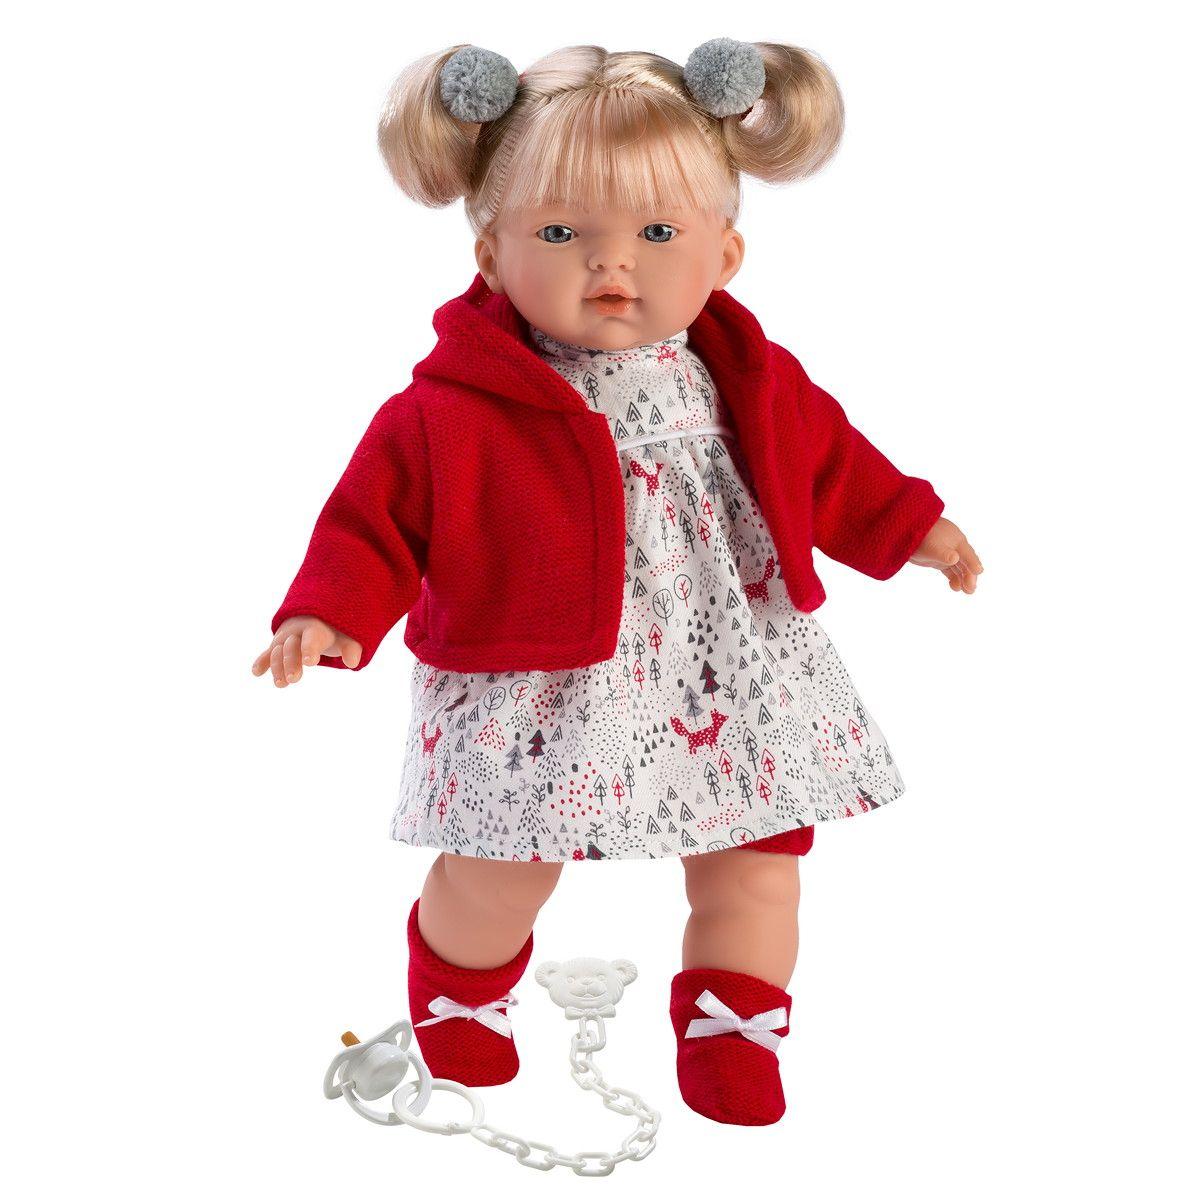 Купить Интерактивная кукла - Айтана, 33 см, со звуком, Llorens Juan